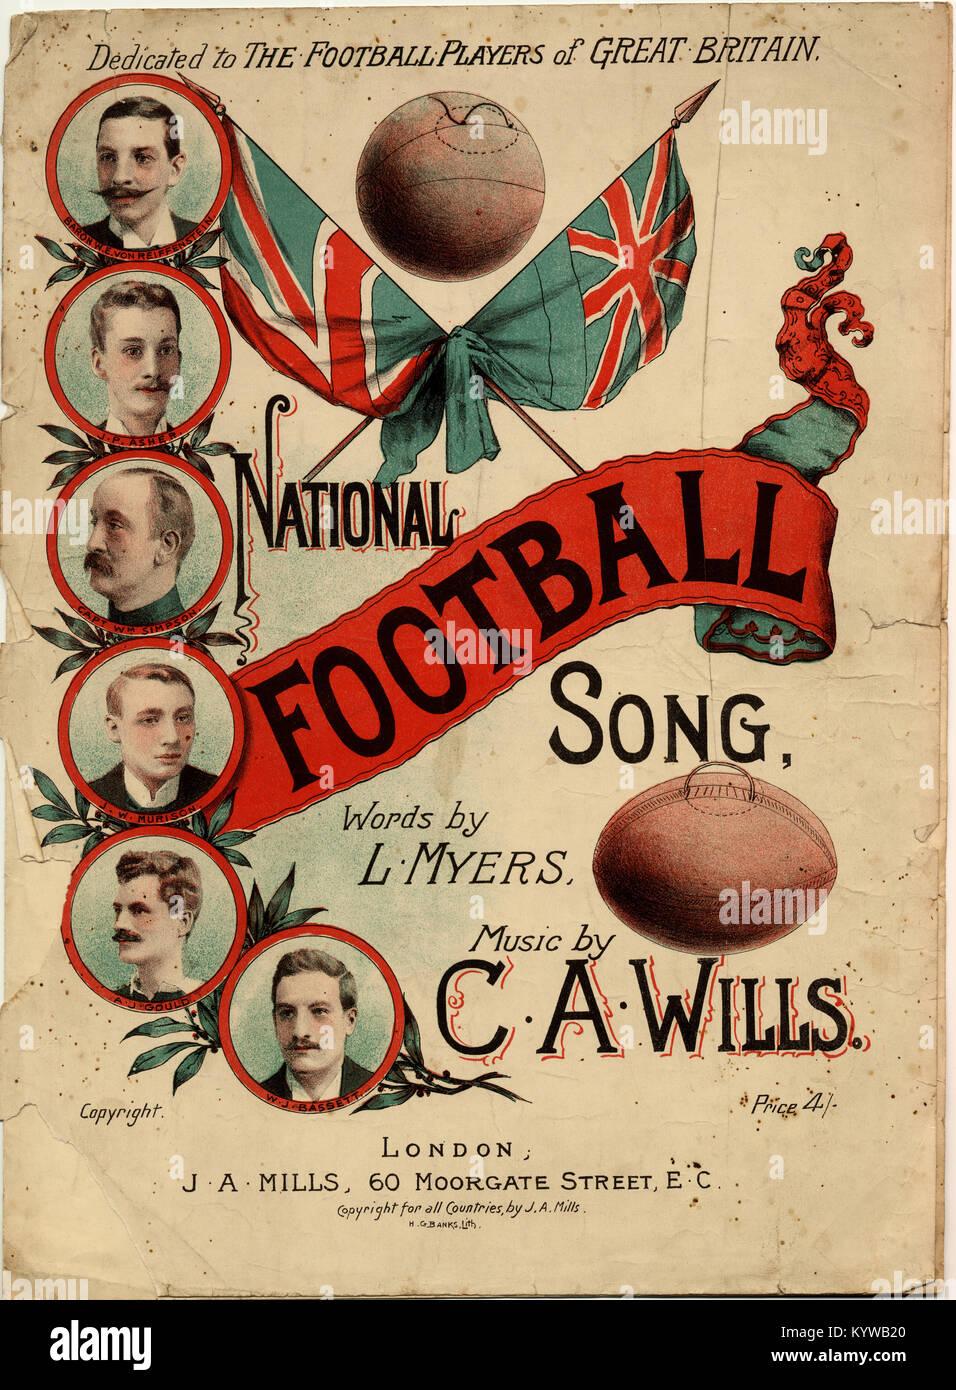 Nazionale di calcio per Song-Dedicated il calcio di coetanei di Gran Bretagna Immagini Stock